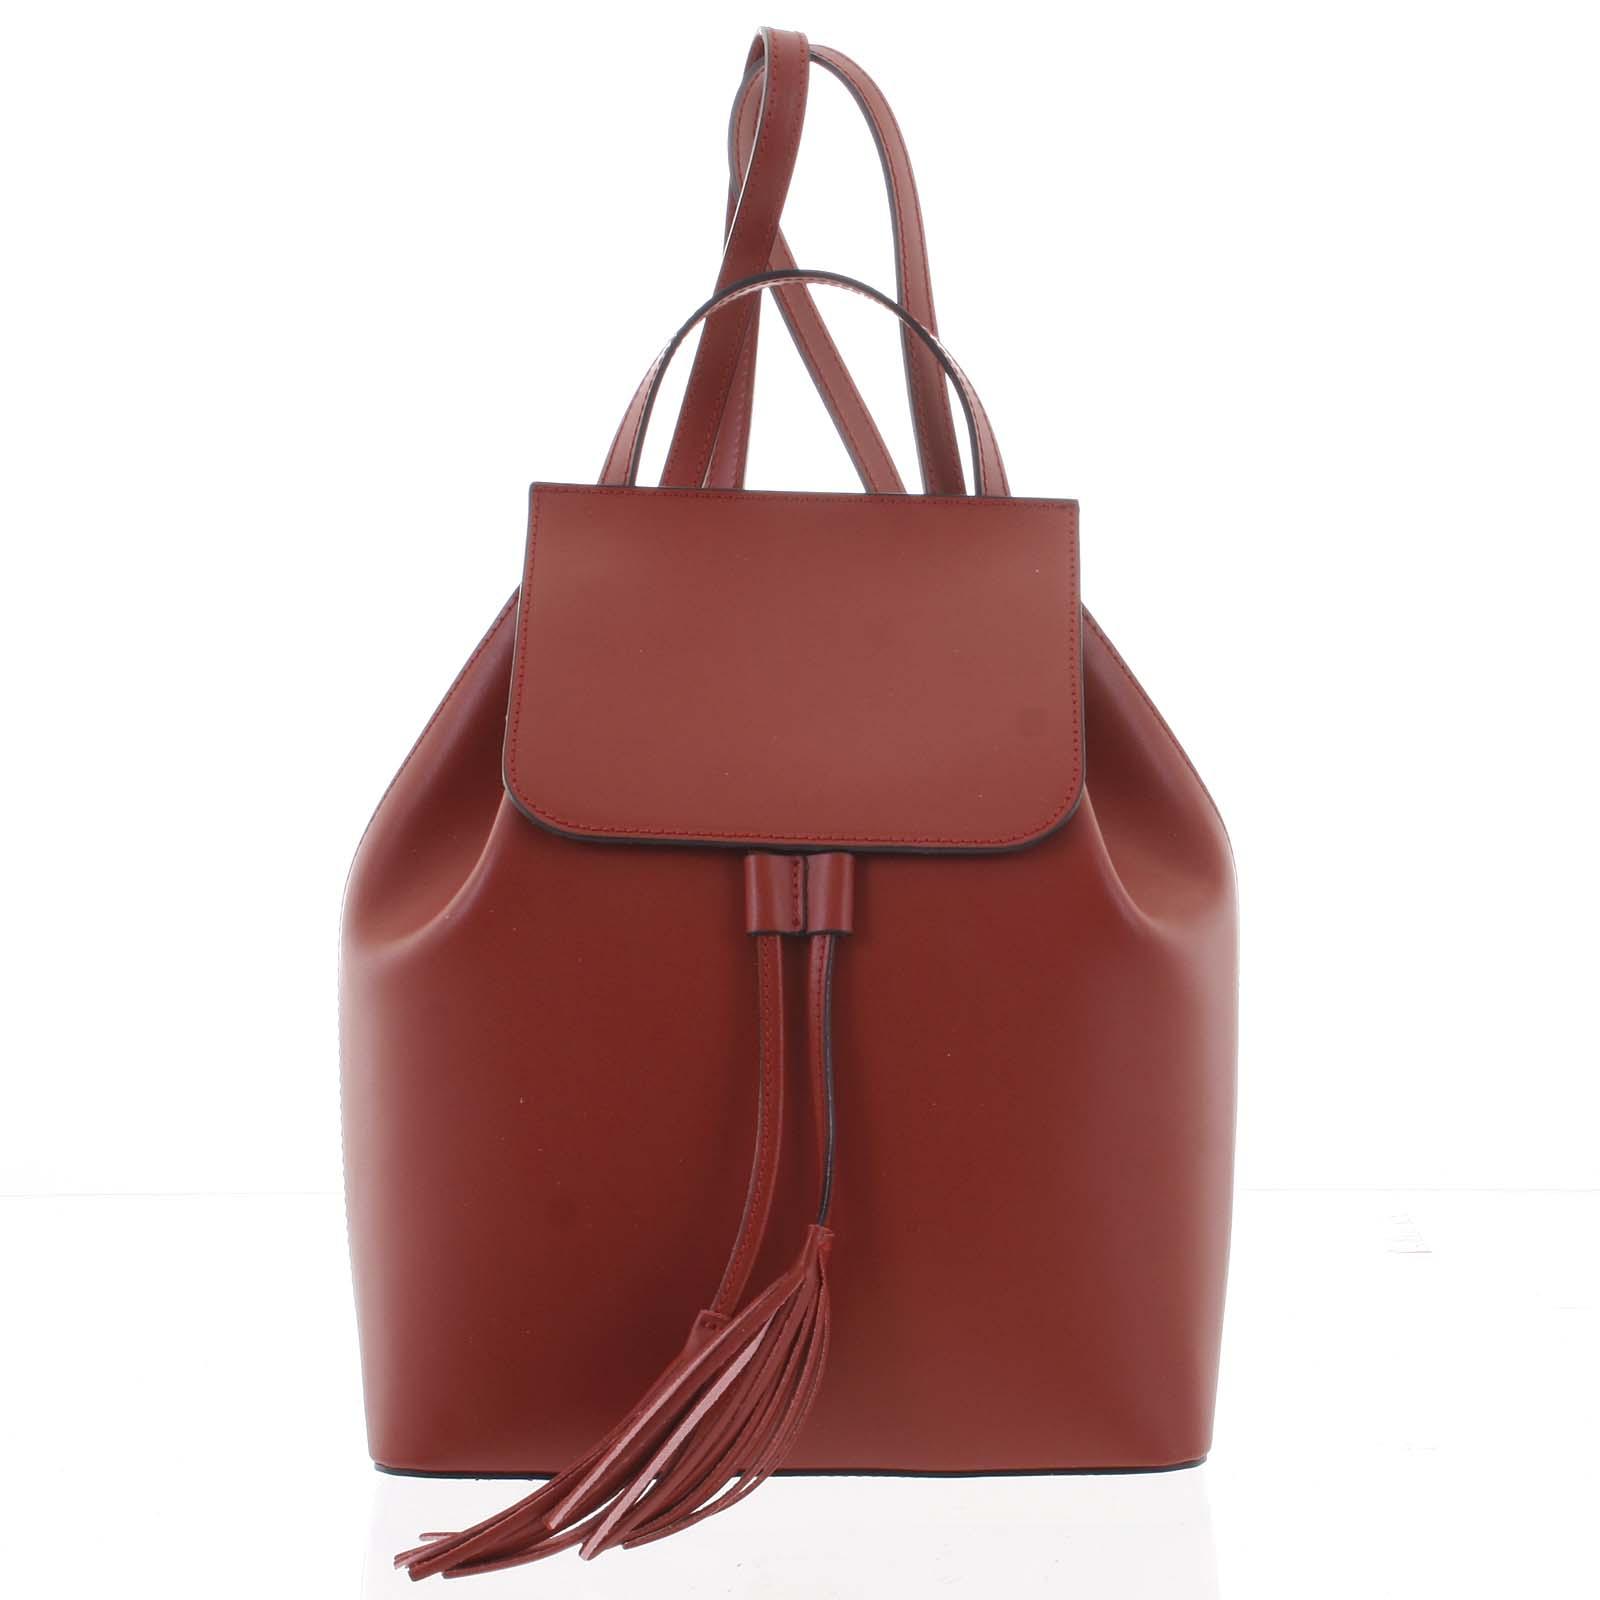 Luxusný dámsky ruksak tmavočervený kožený - ItalY Adelpha